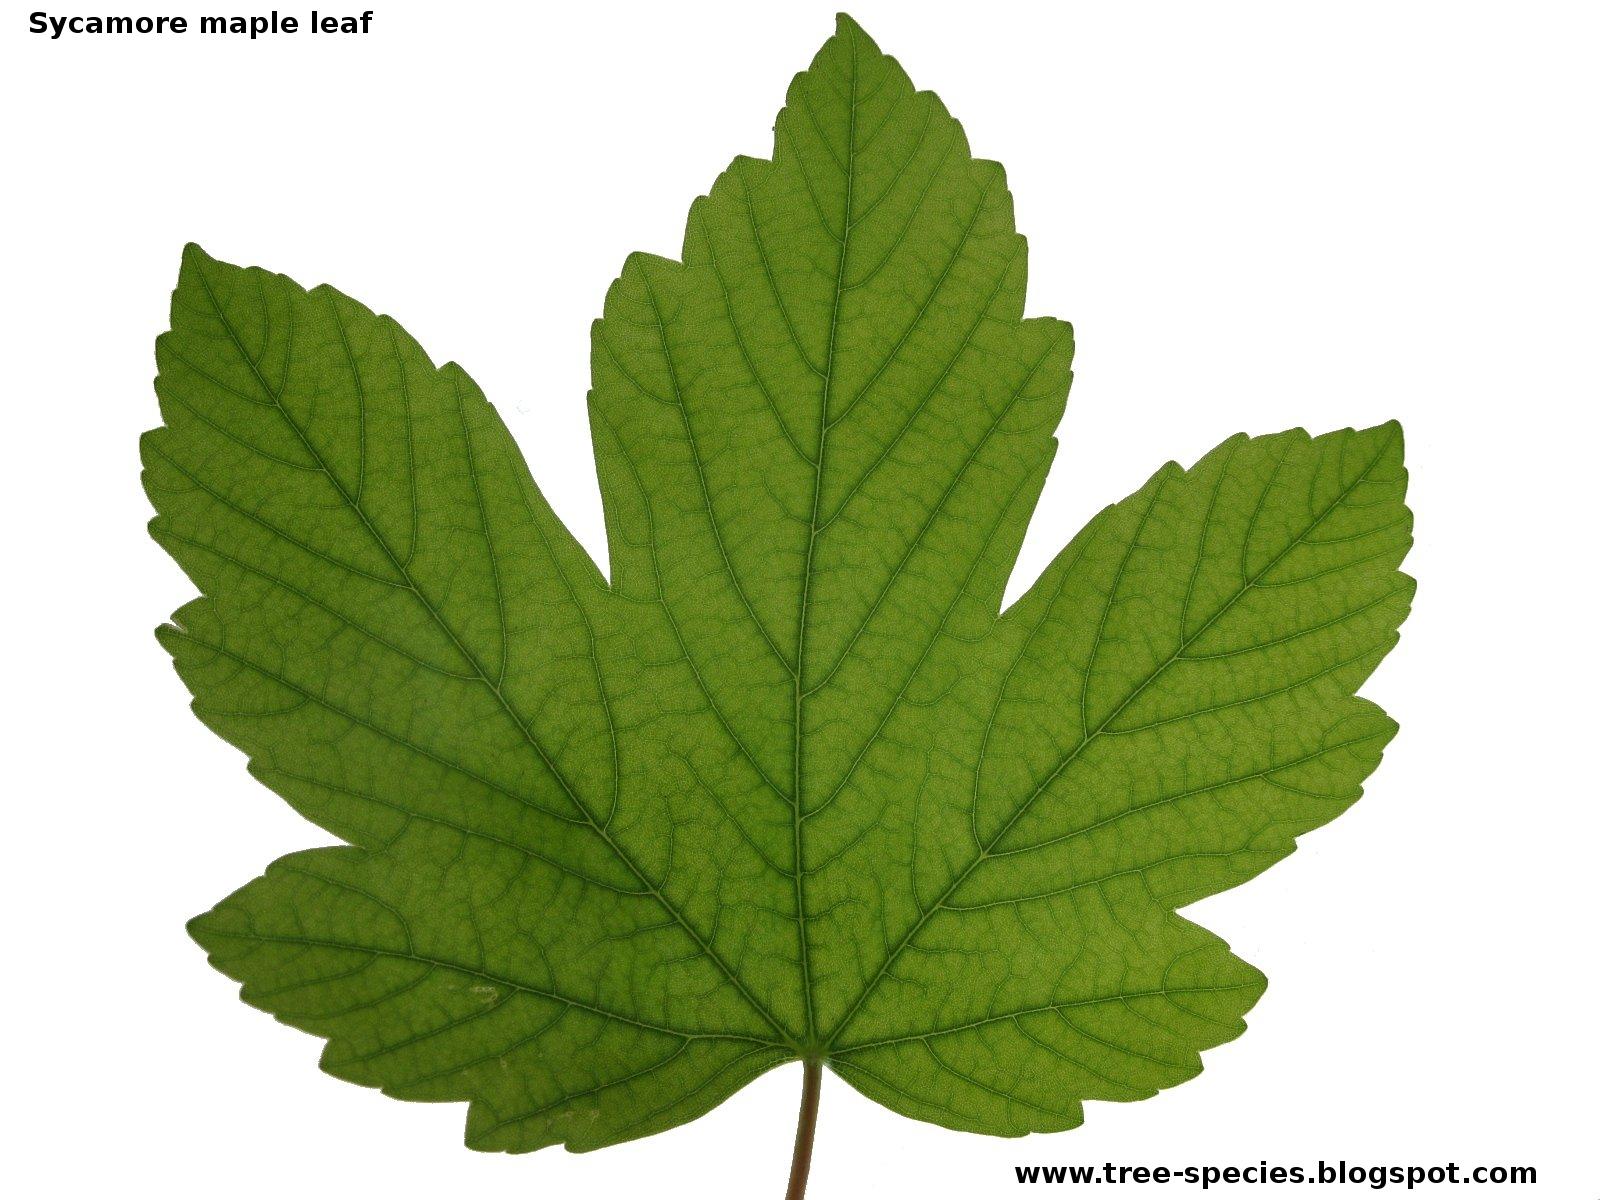 Acer pseudoplatanus L Sycamore maple leaf